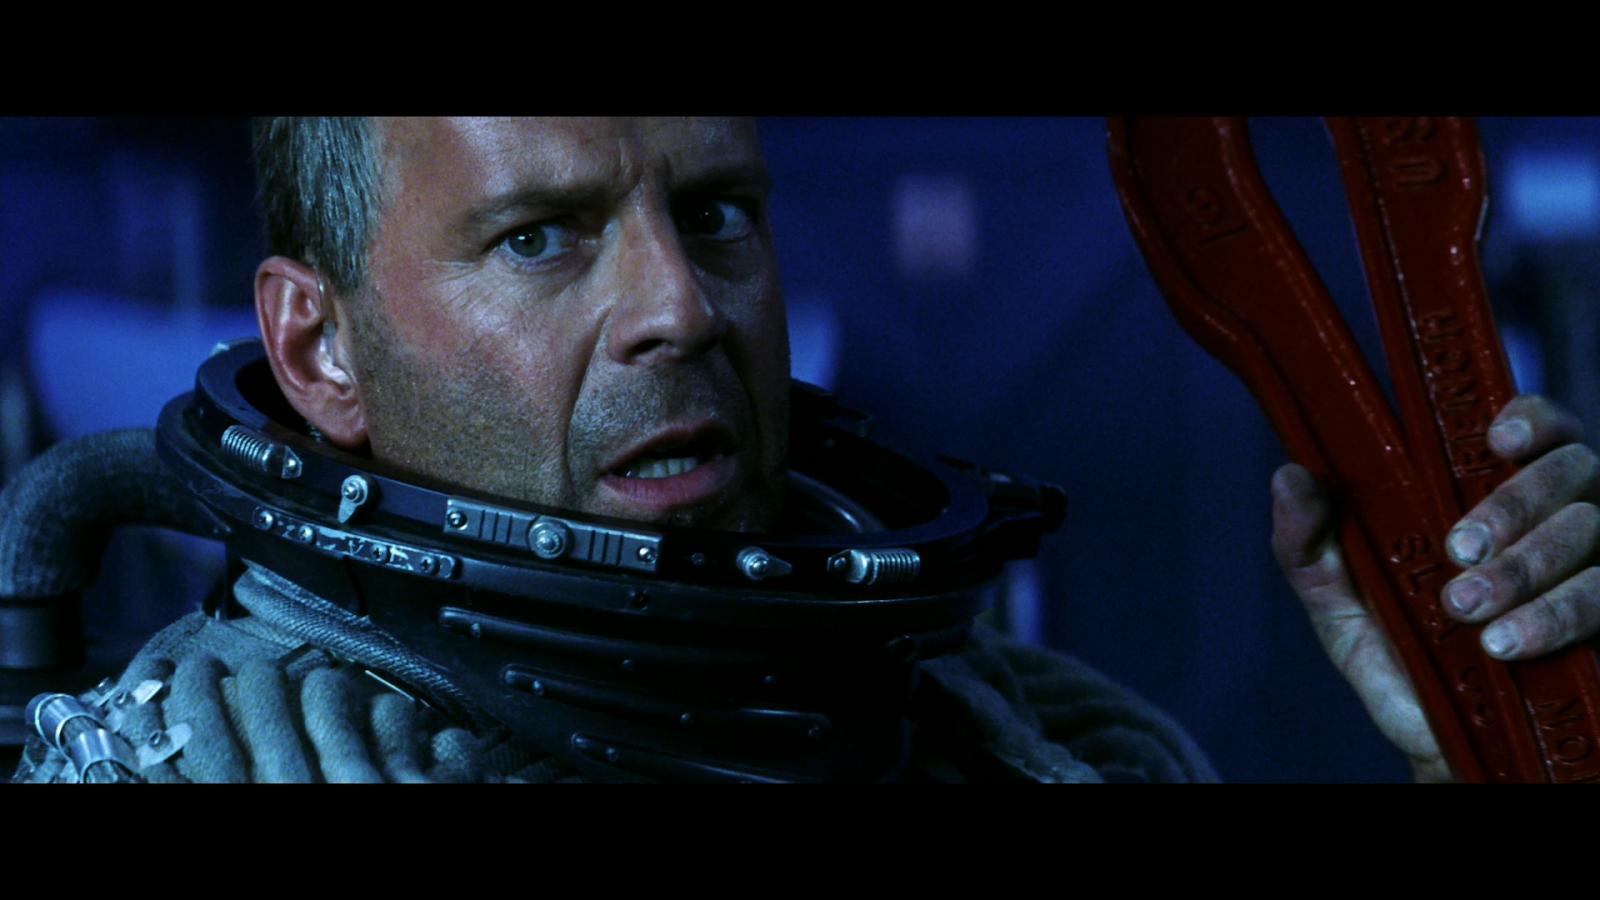 Happyotter: ARMAGEDDON (1998)